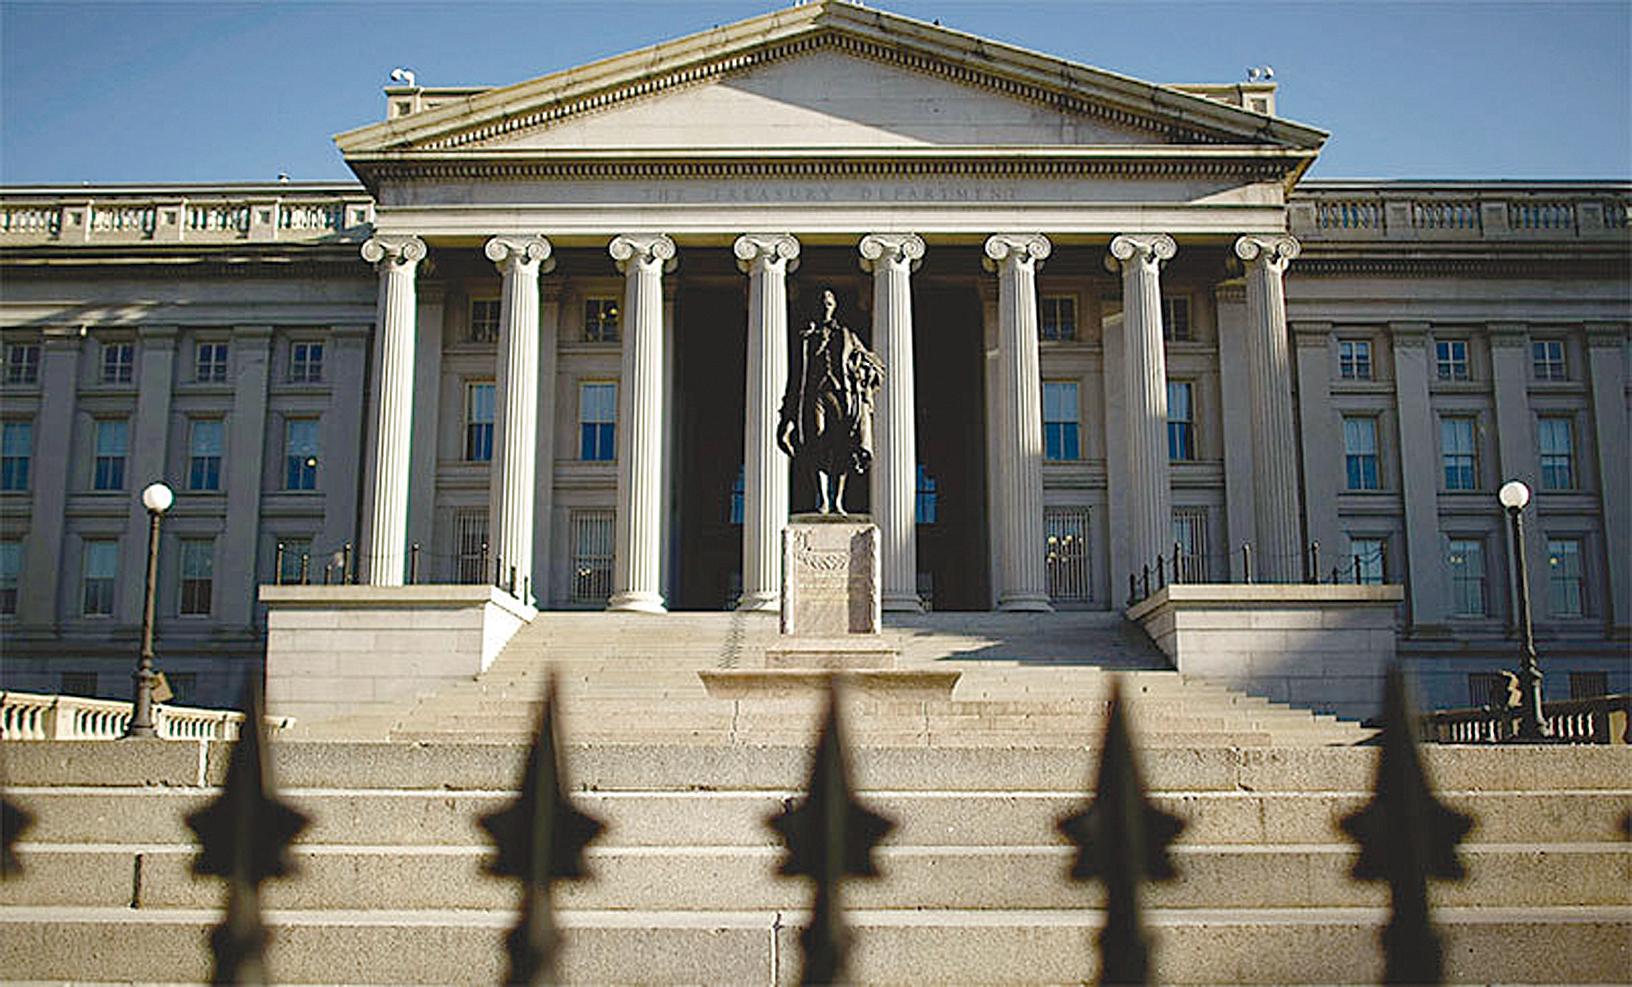 假如美國撤銷對中國的關稅,美國會後悔莫及。圖為美國財政部的大樓。(Getty Images)